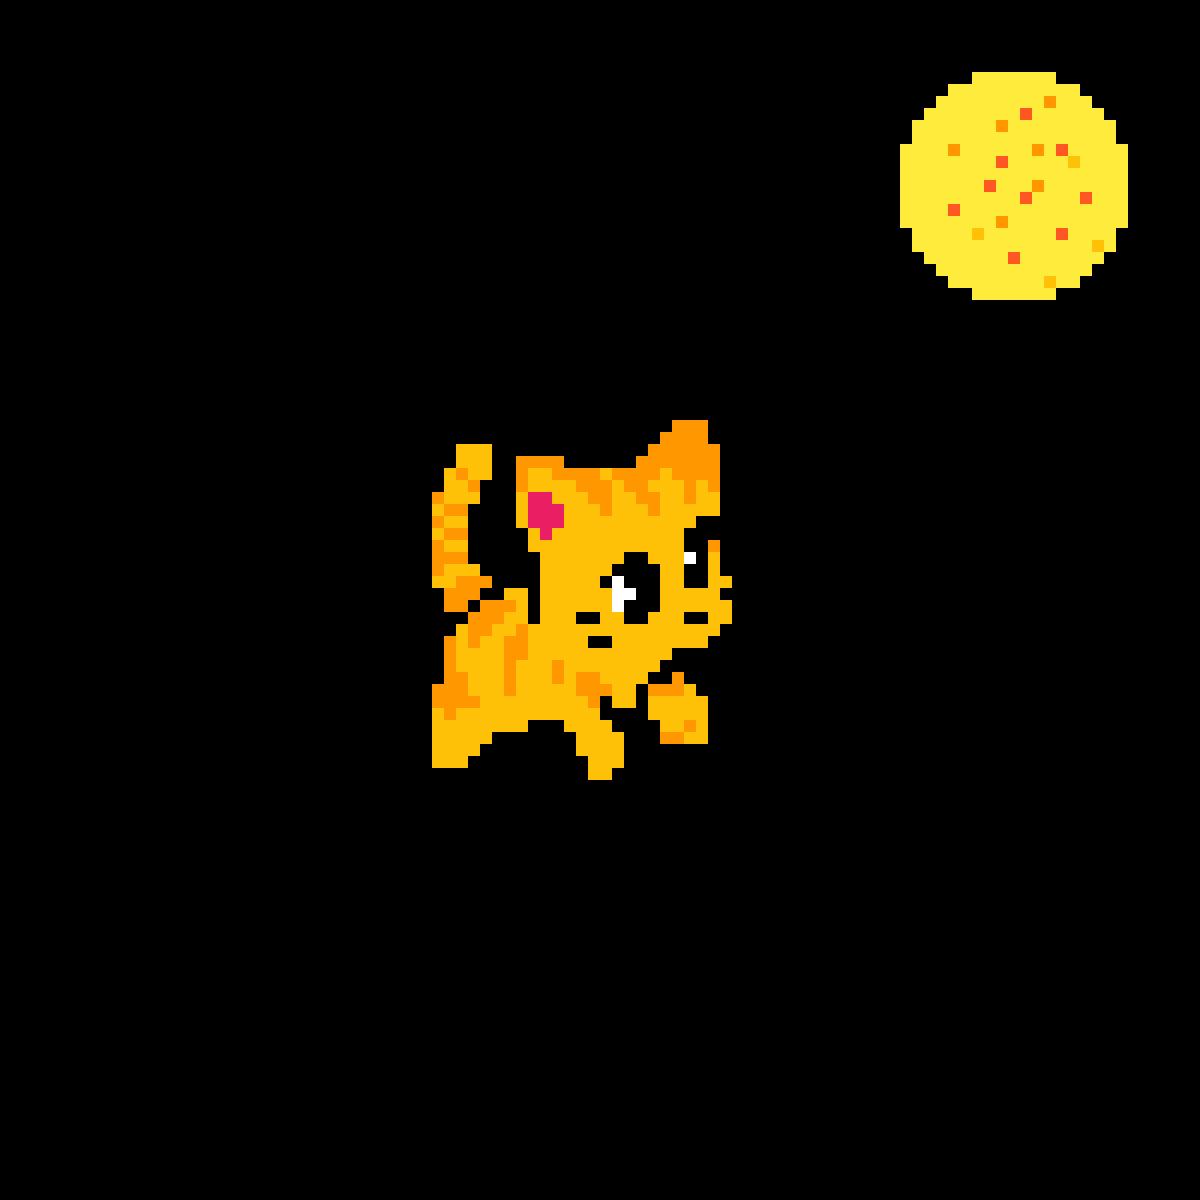 Cat by xXRealRetr0Xx